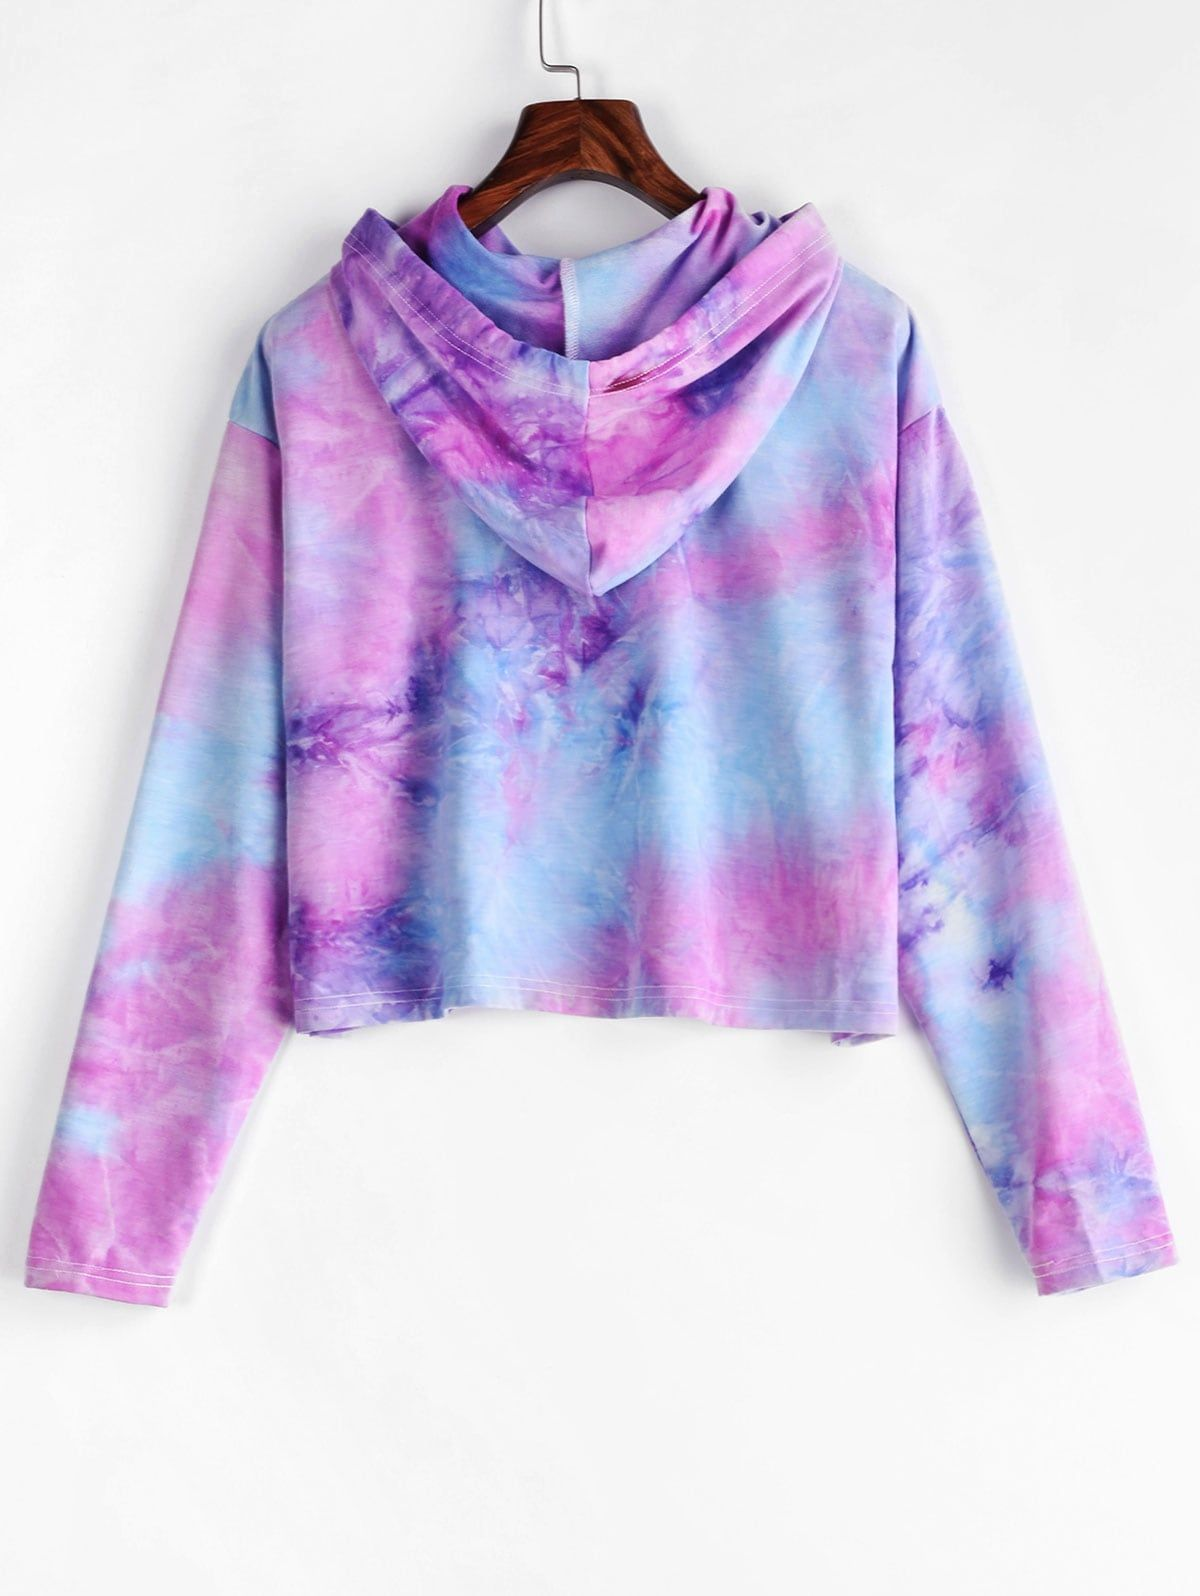 Zaful Drawstring Tie Dye Cropped Hoodie Multi Aff Tie Drawstring Zaful Dye Multi Ad Tie Dye Crop Top Cropped Hoodie Tie Dye [ 1596 x 1200 Pixel ]